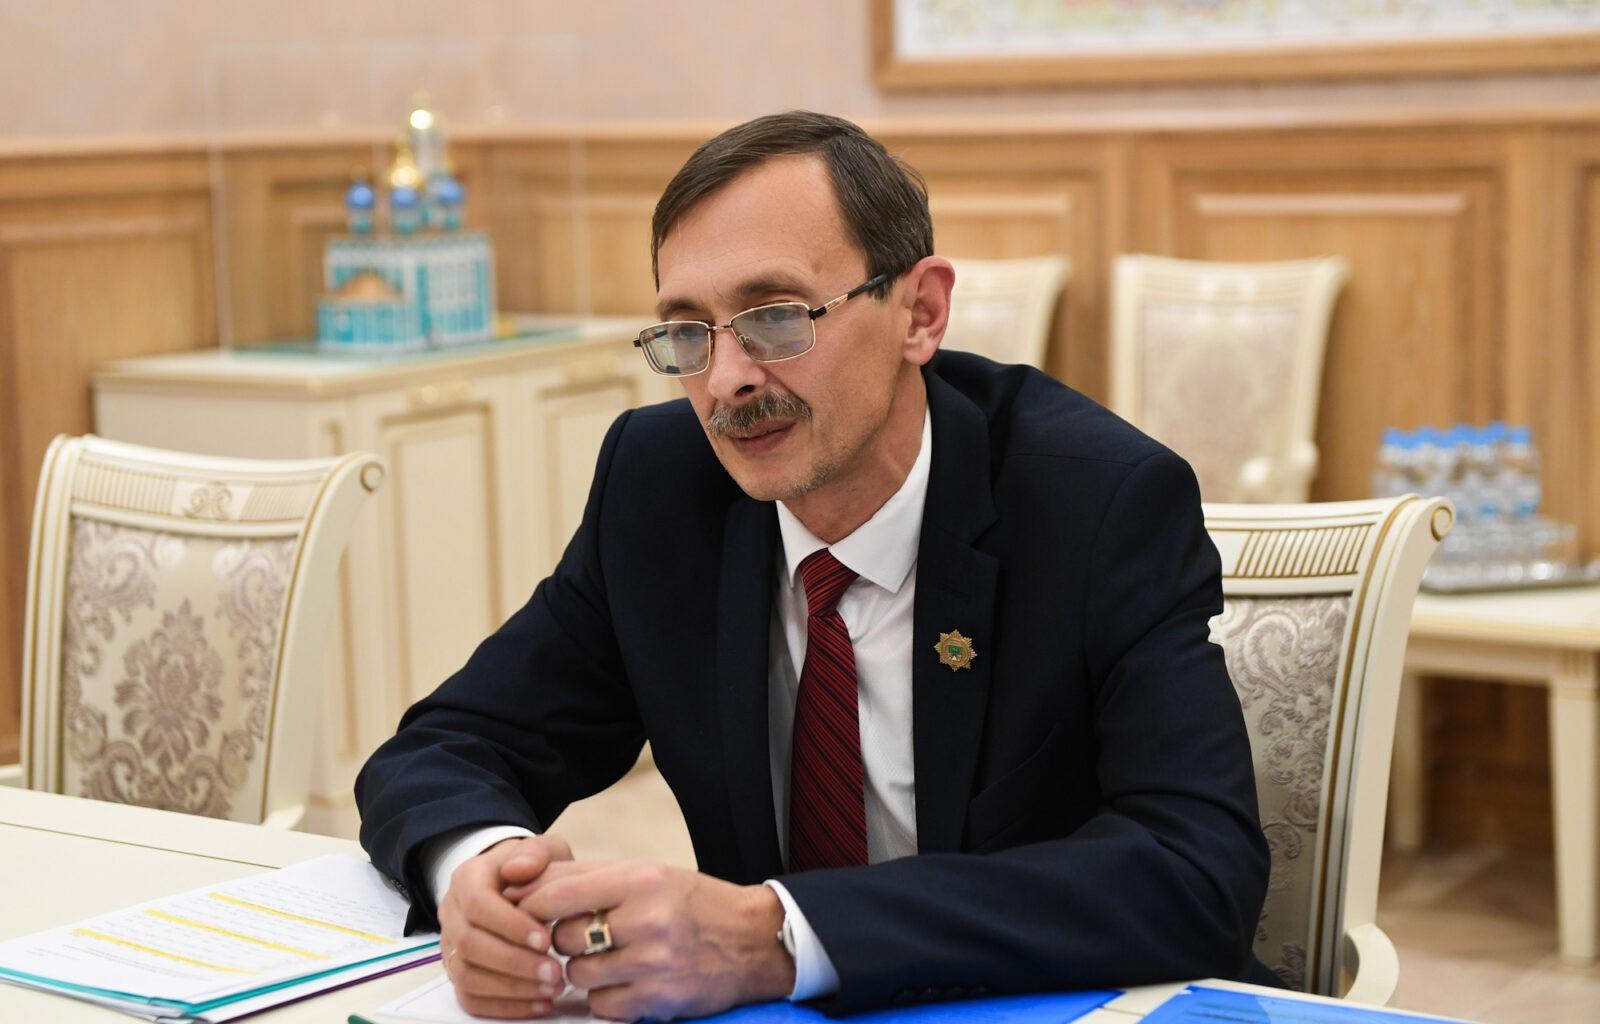 Олег Дубов: Важно, что мы поддерживаем не только ветеранов, но и «детей войны»